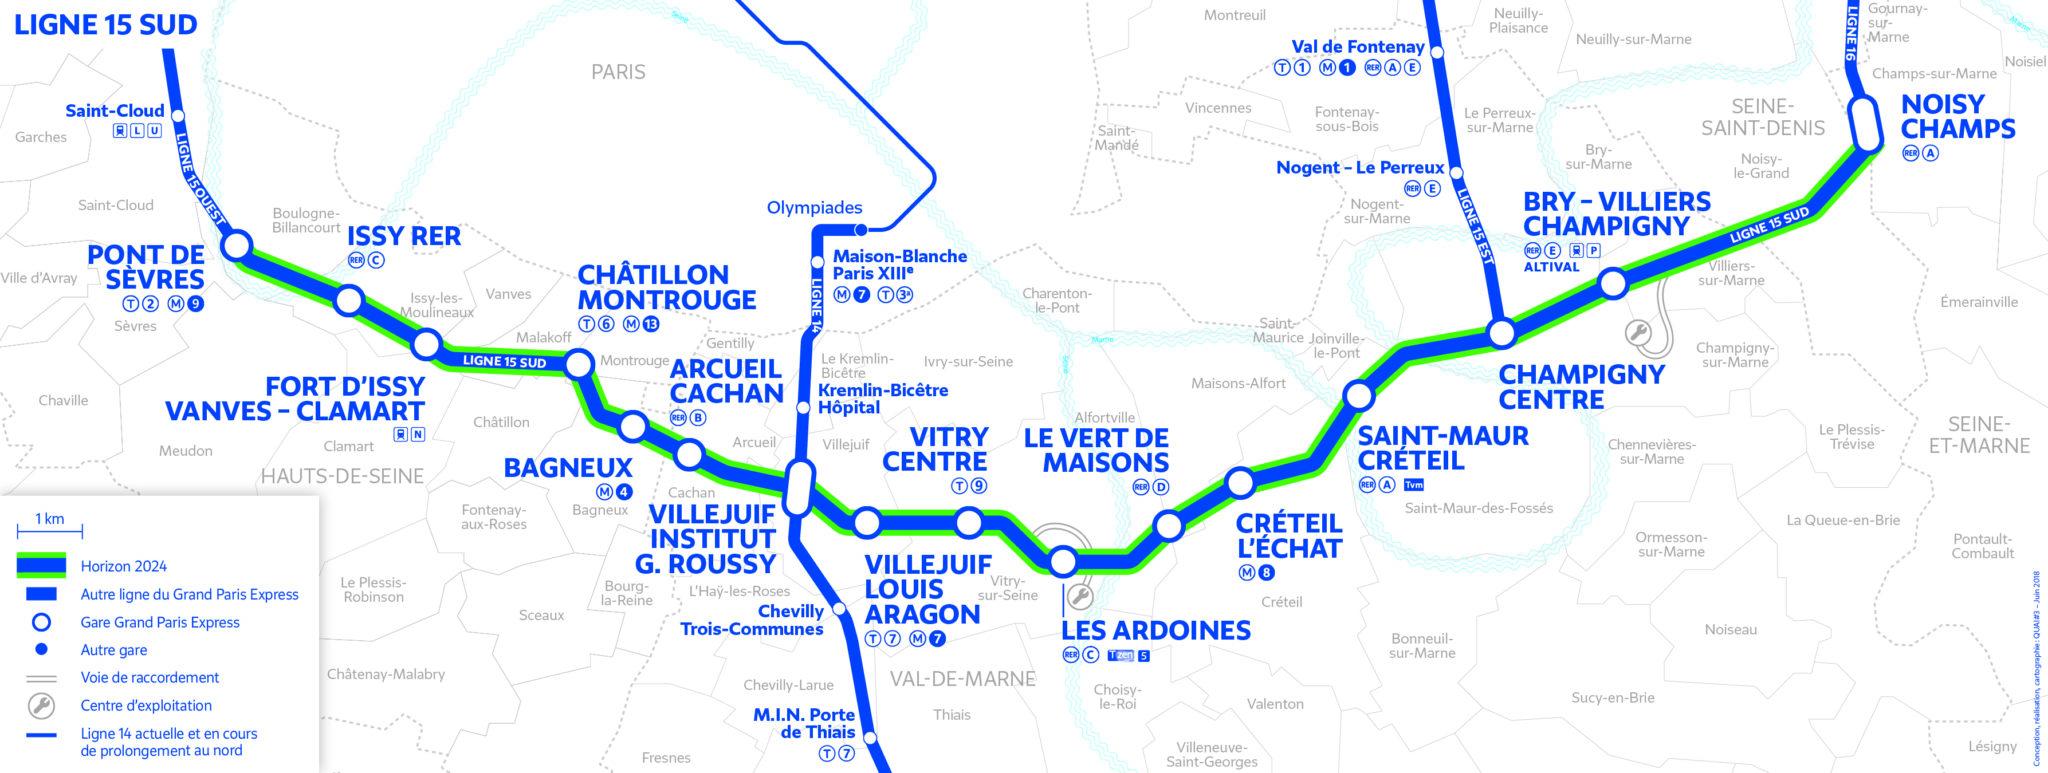 Line 15 South –Grand Paris Express